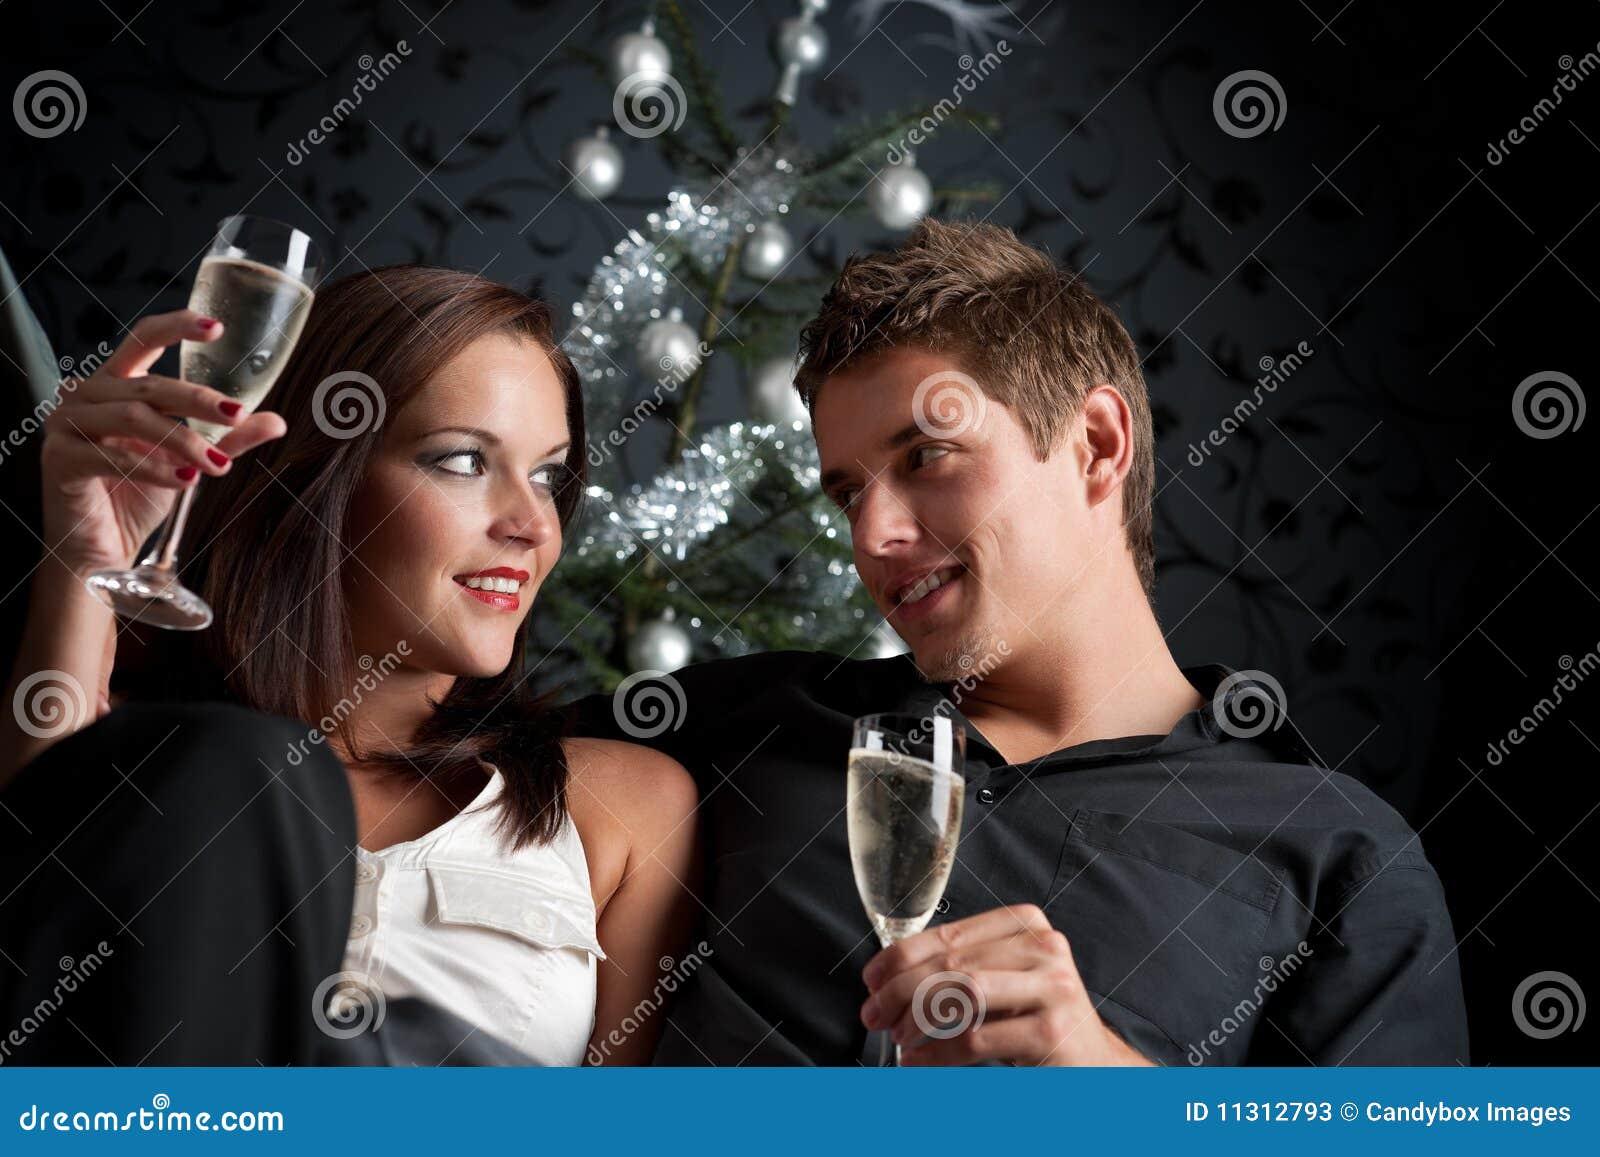 Mann und Frau mit Champagner auf Weihnachten